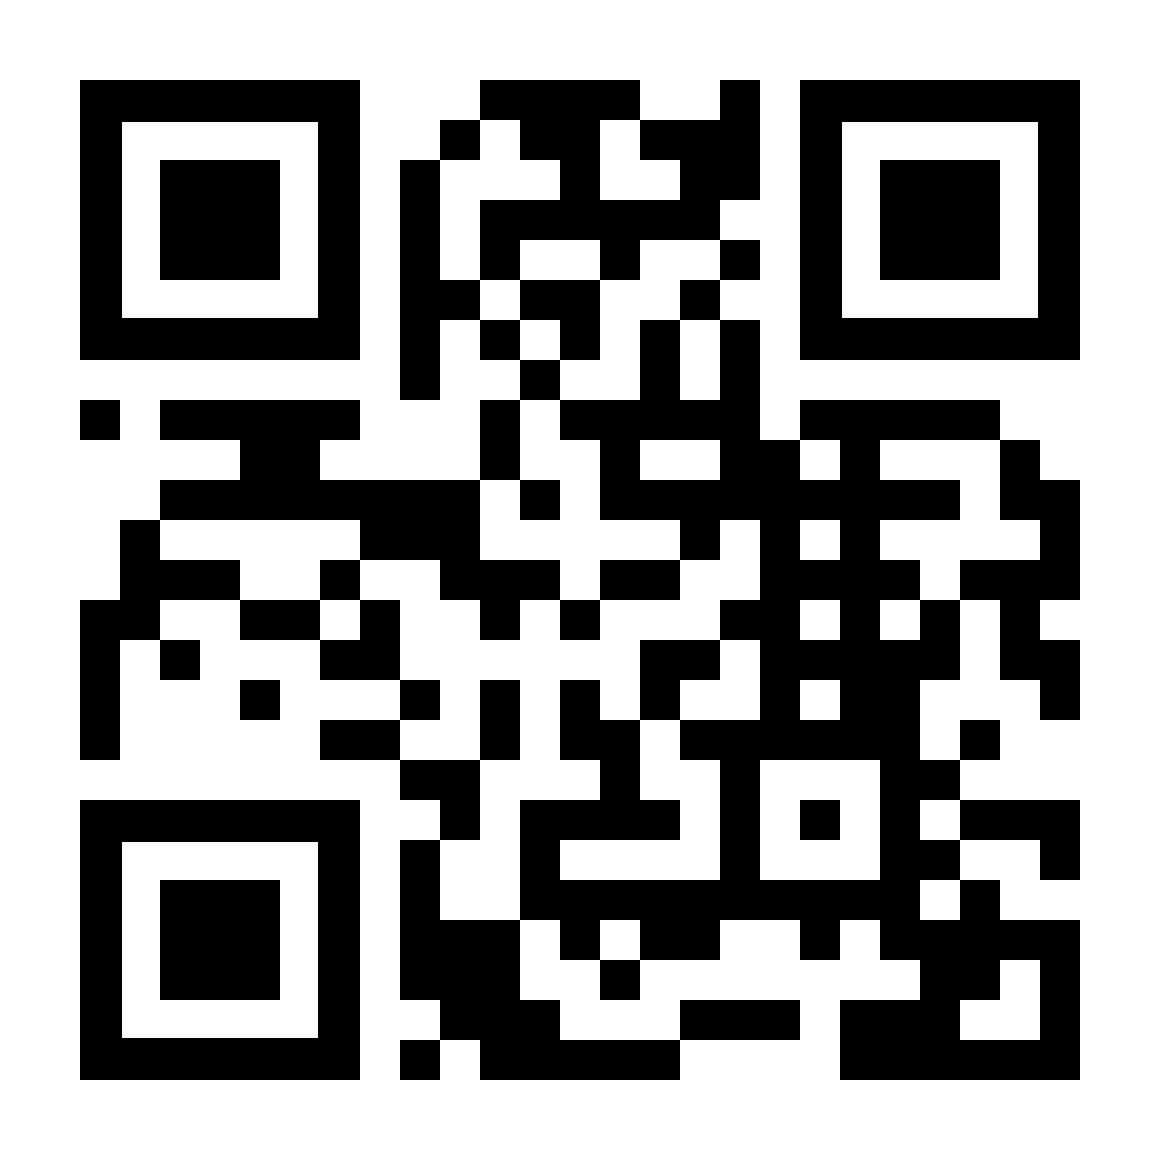 Drive Line QR Code